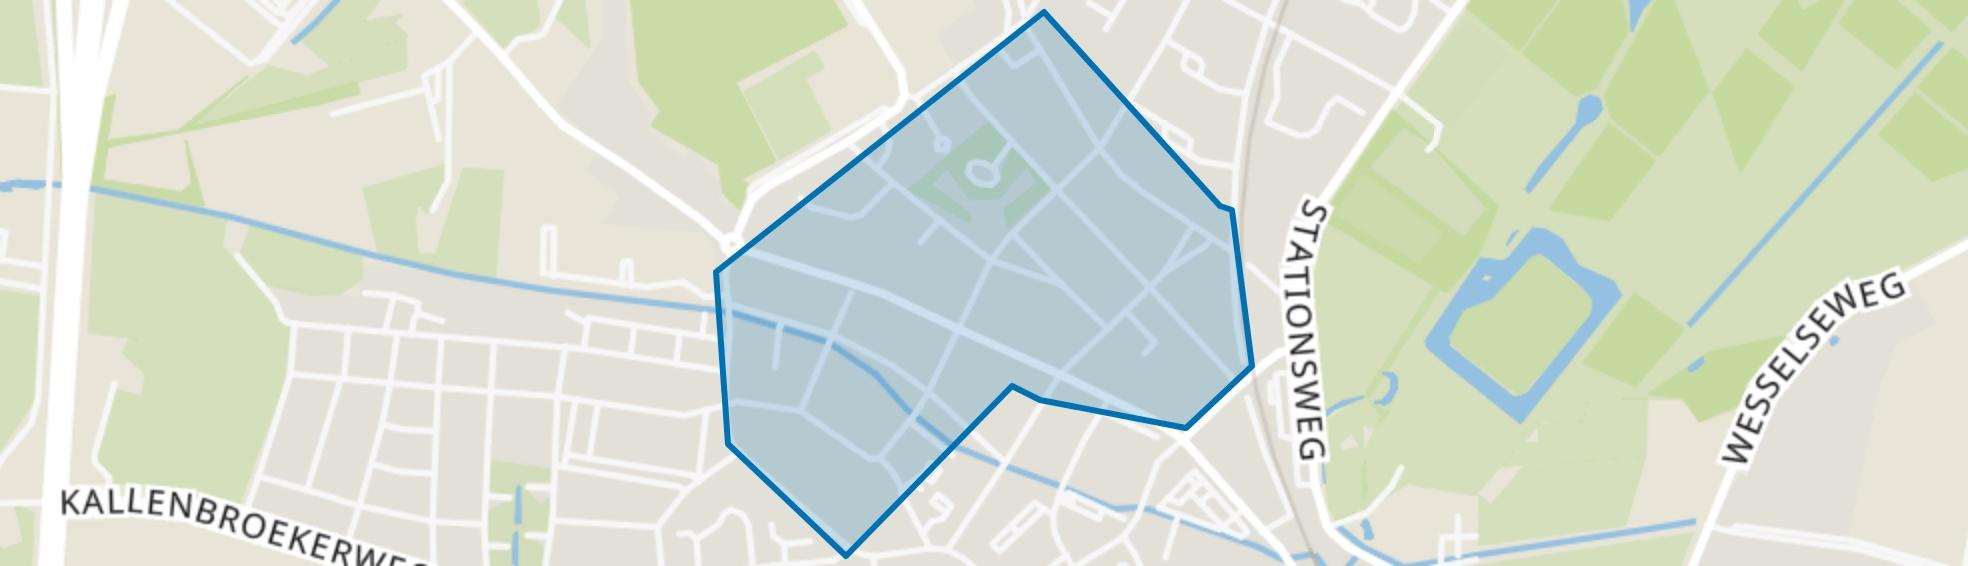 Staatsliedenwijk, Barneveld map